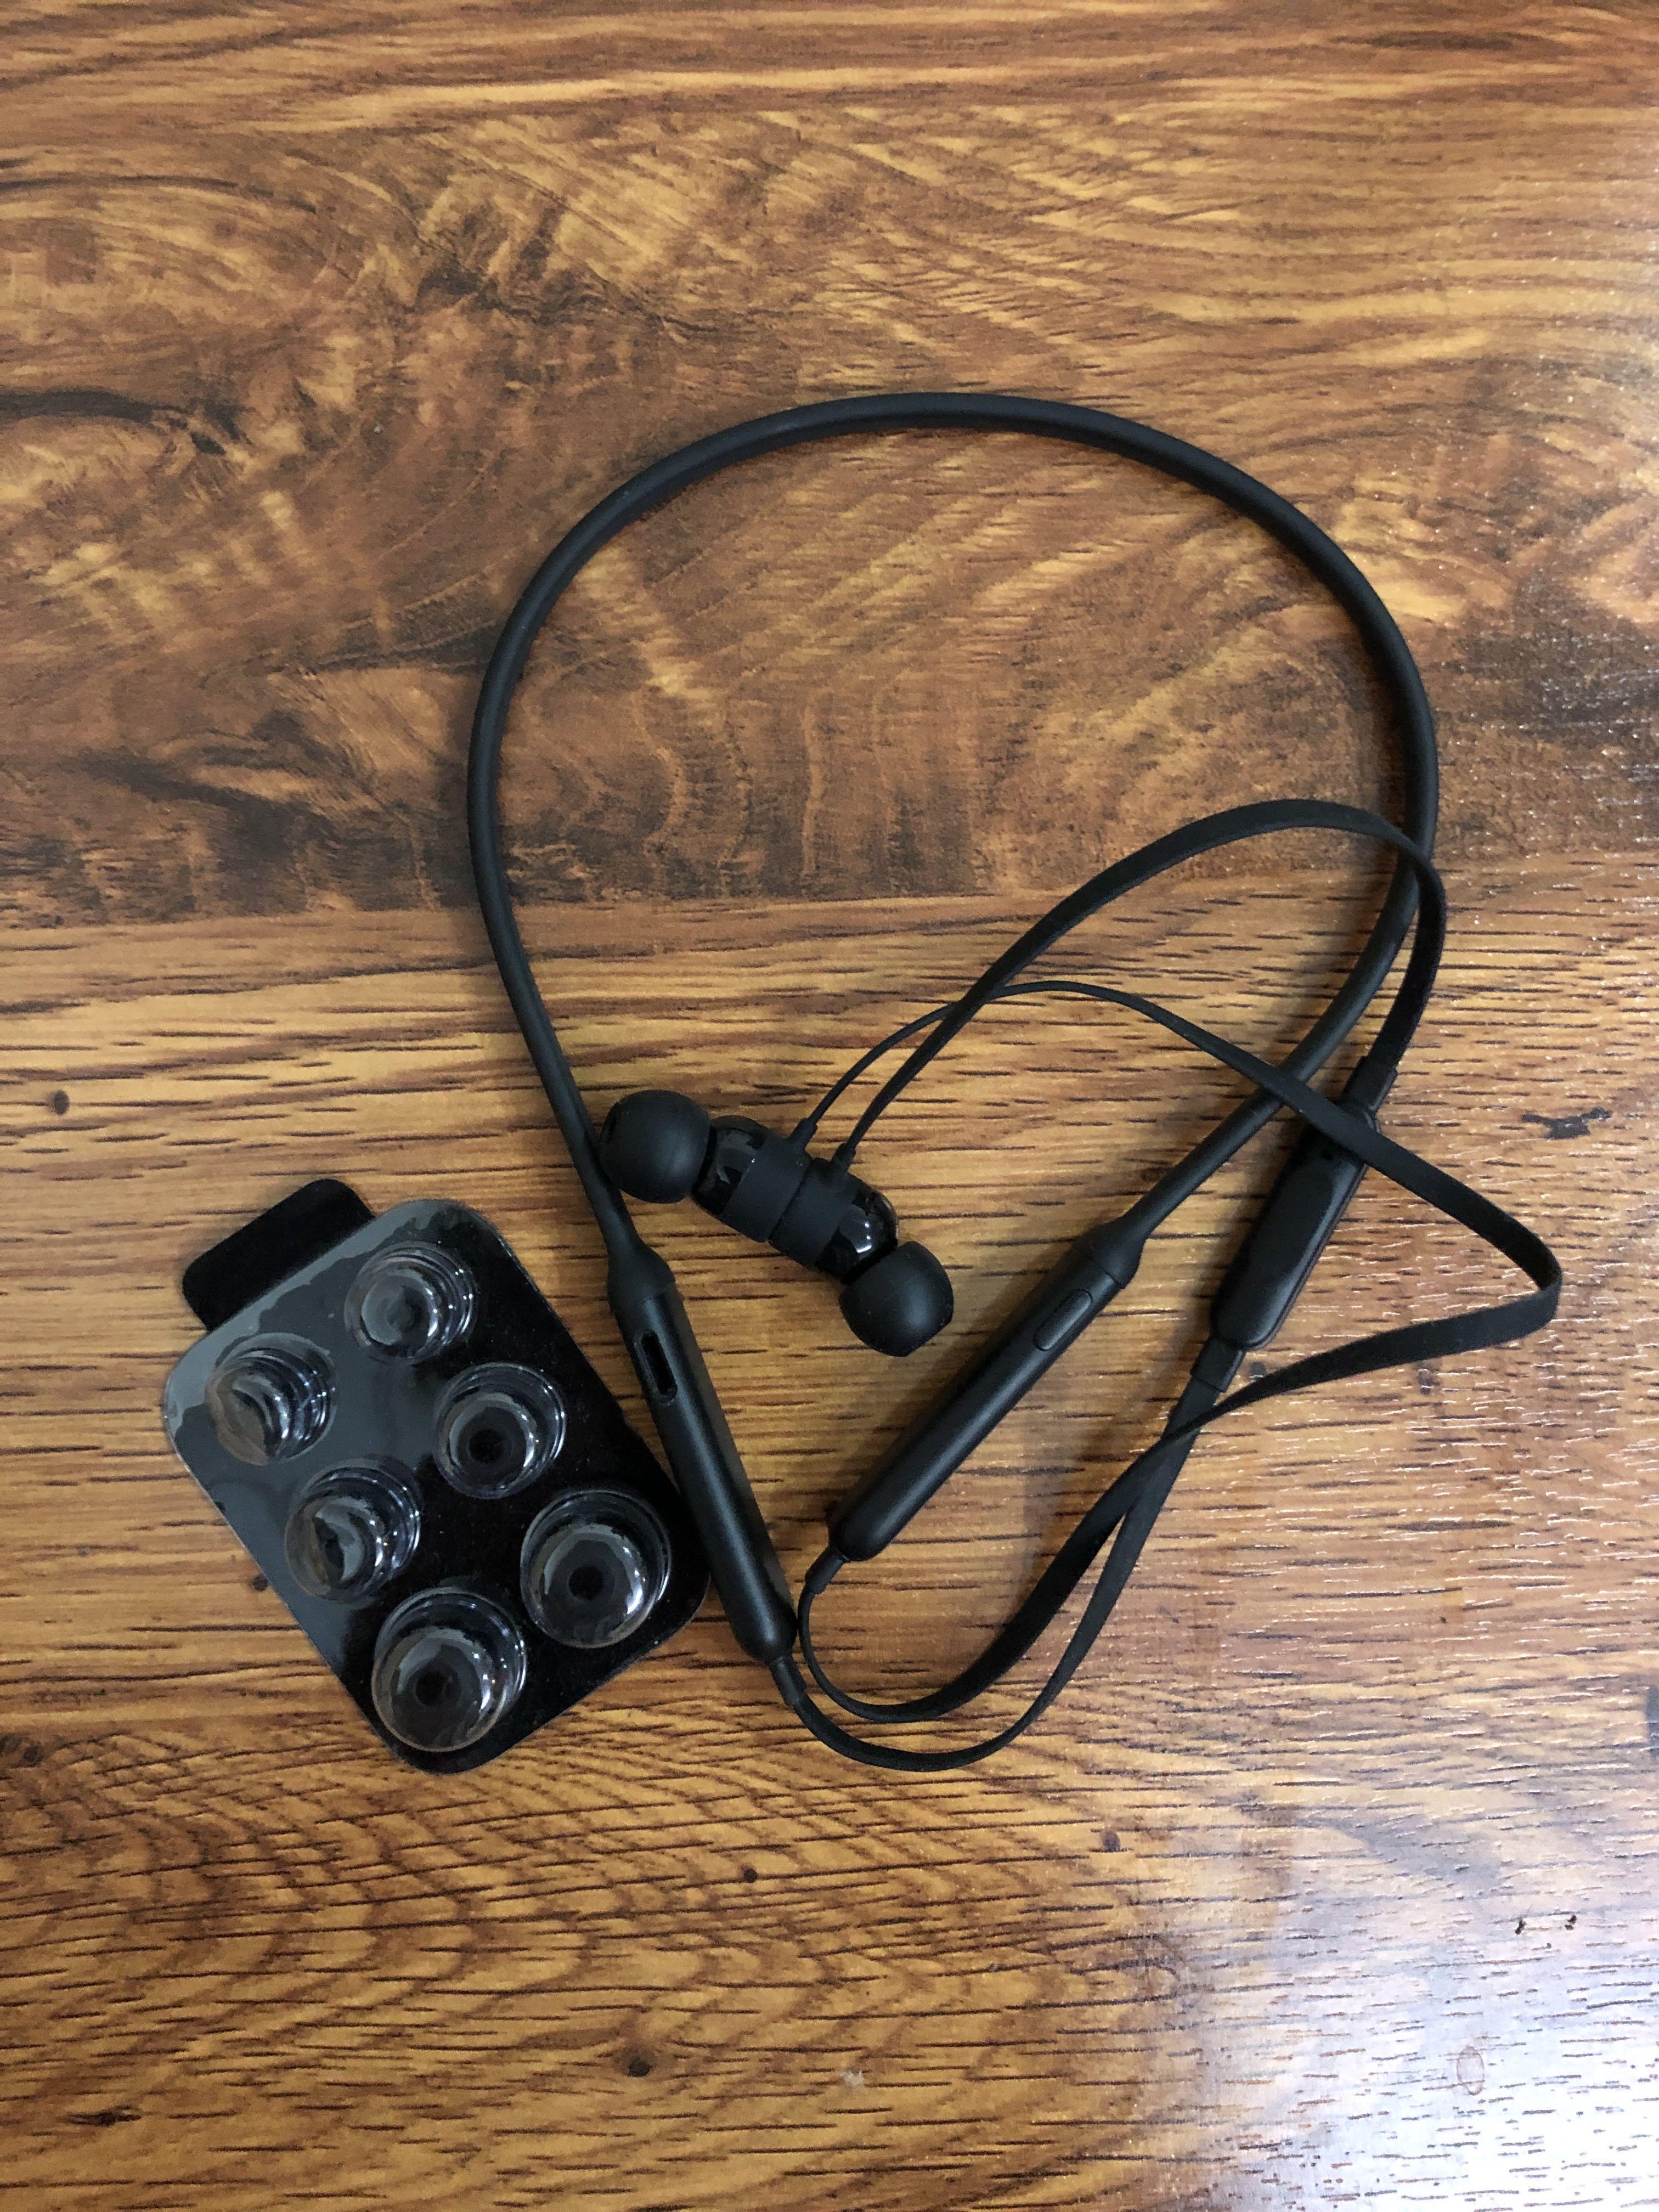 BeatsX A1763 入耳式藍芽耳機 可搭配Apple產品使用